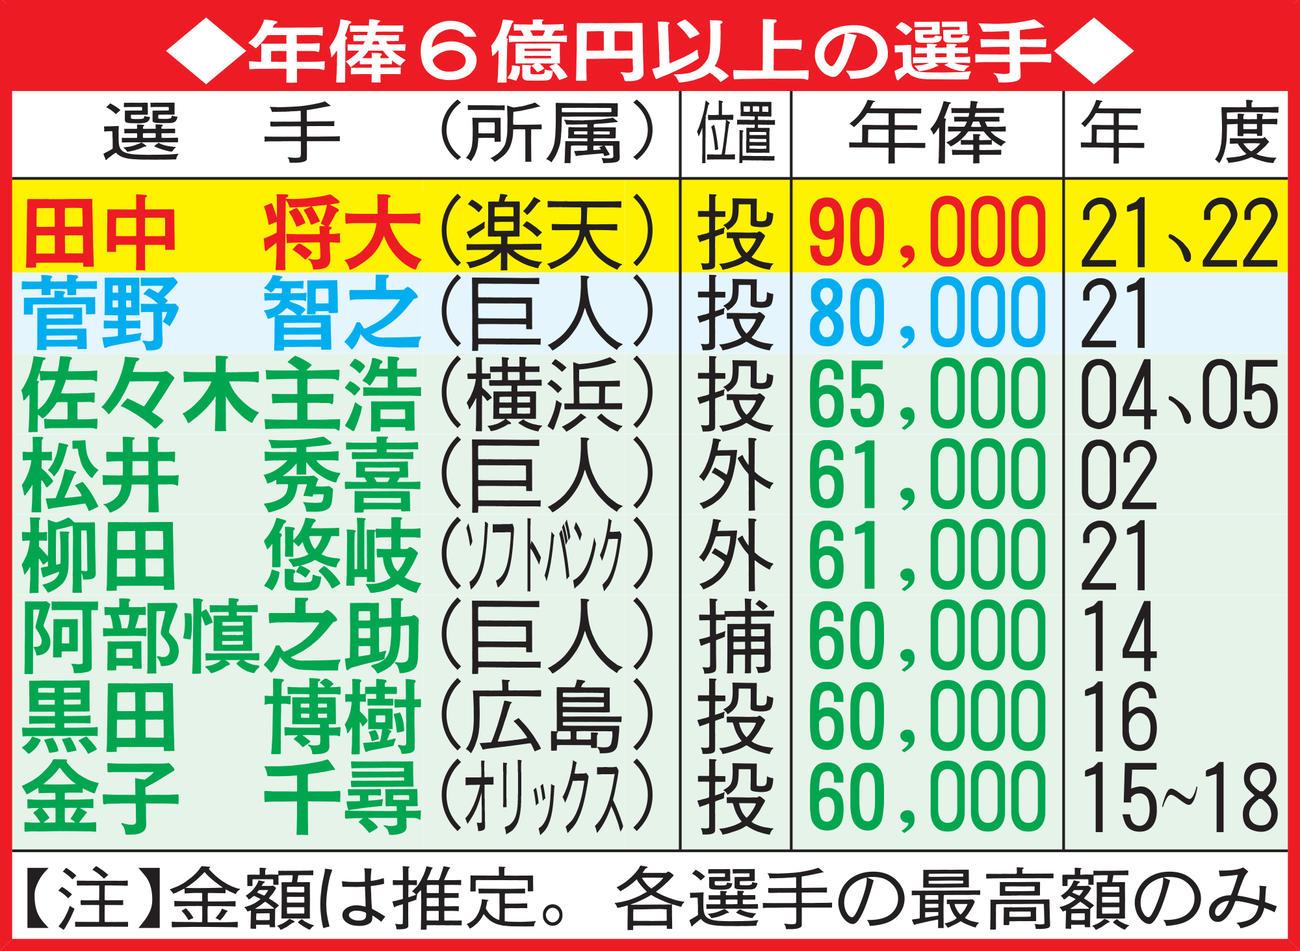 最高 プロ 年俸 野球 メジャーリーグ高額年俸ランキングTOP20!日本人選手もランクイン!